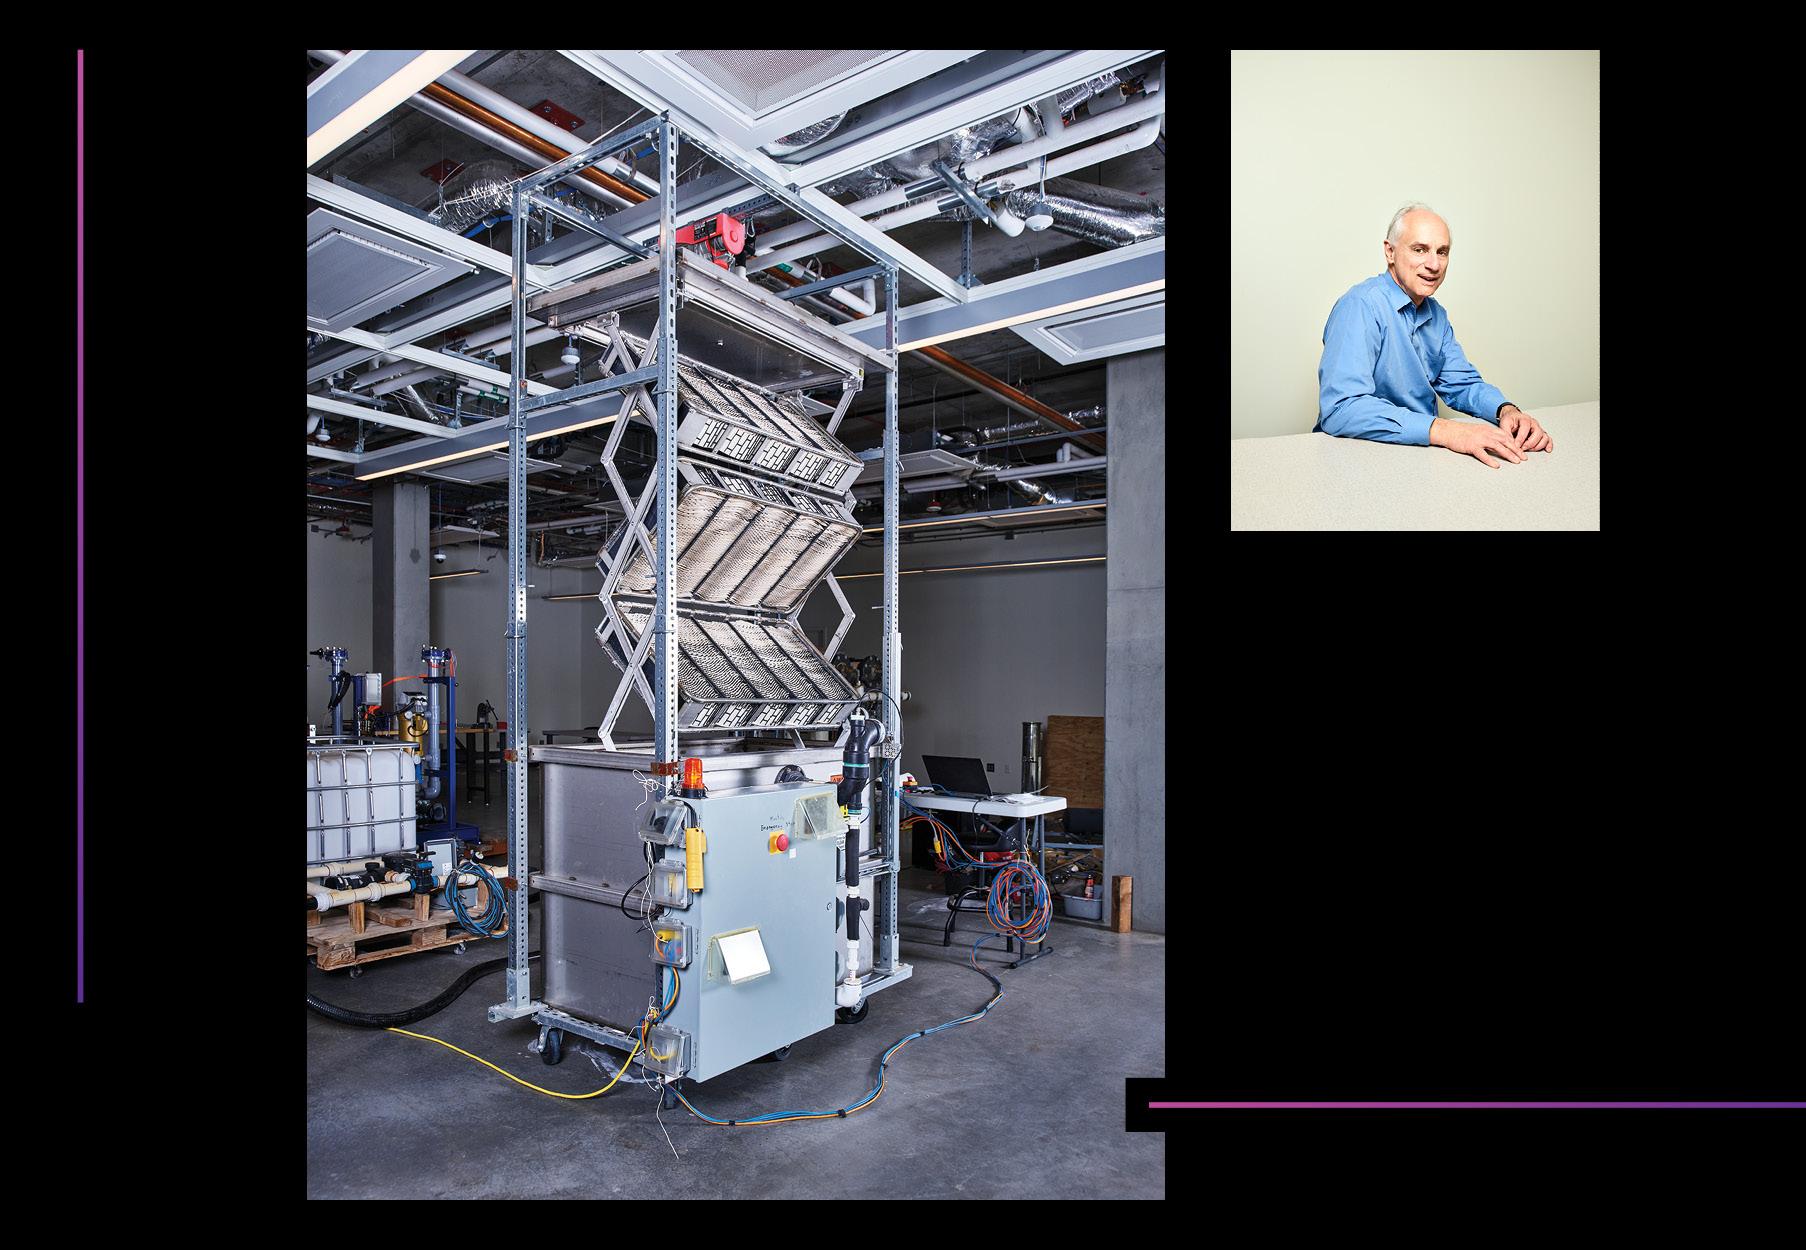 El último prototipo se despliega para agarrar el carbono del aire. Klaus Lackner fue pionero en el campo de la captura de aire directo.